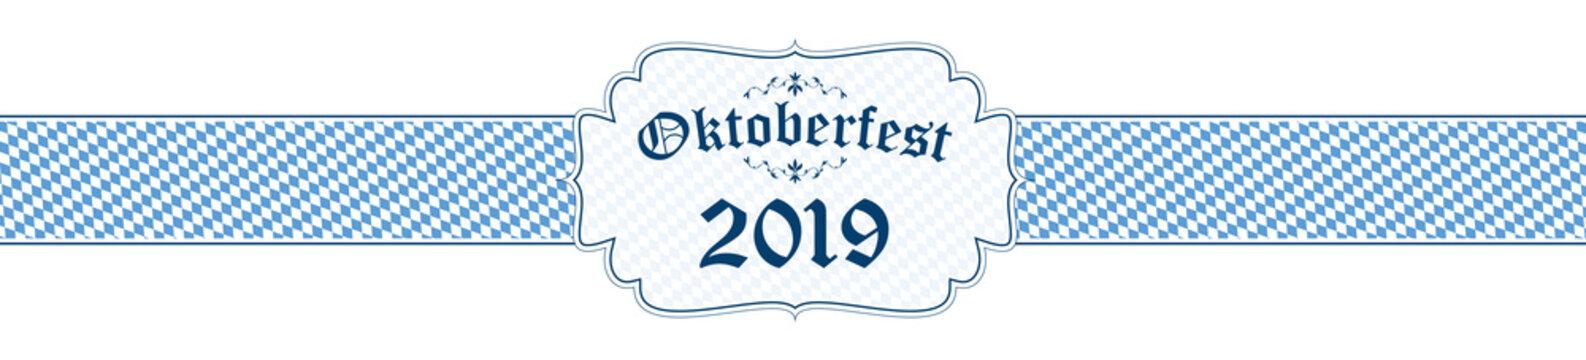 Oktoberfest banner with text Oktoberfest 2019